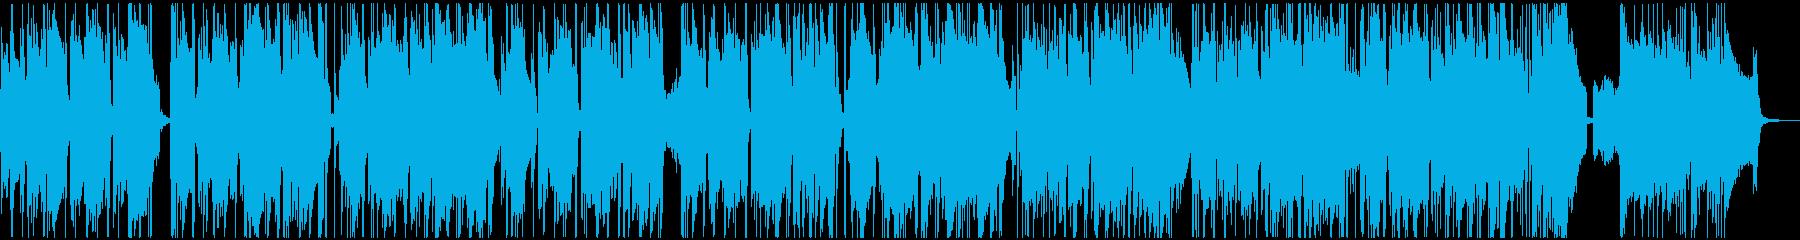 レトロなオルガンの渋いファンキーブルースの再生済みの波形